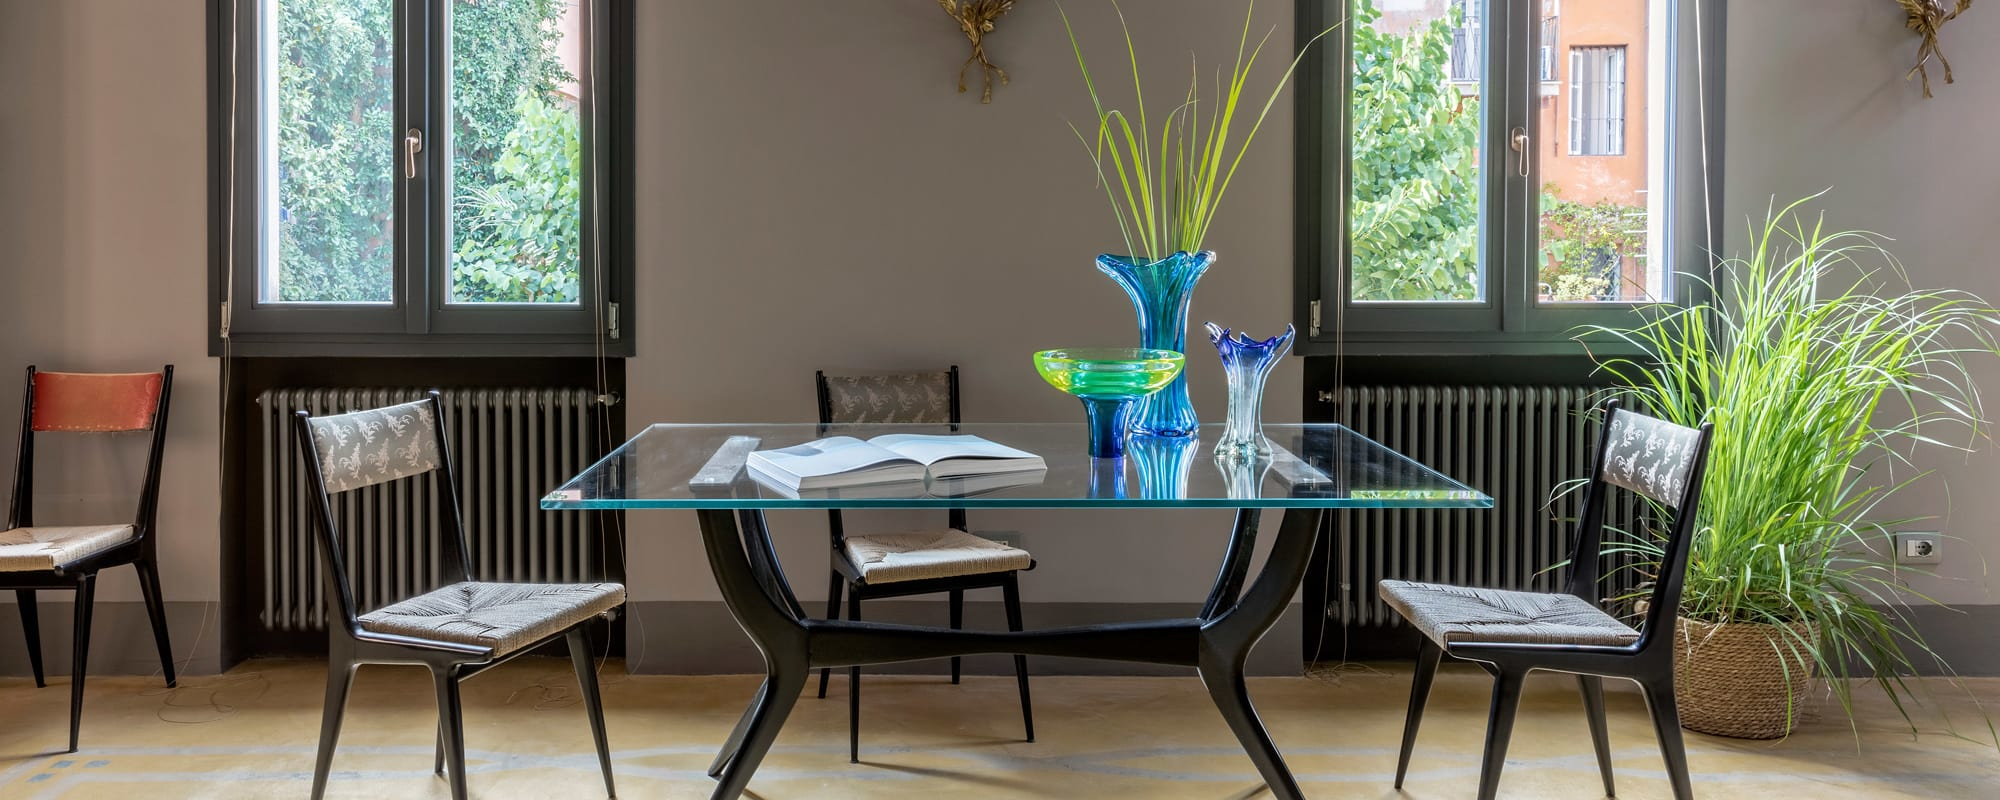 Interiordesignerin Stefania Biondo dalla Casapiccola, Rom, Wohnen